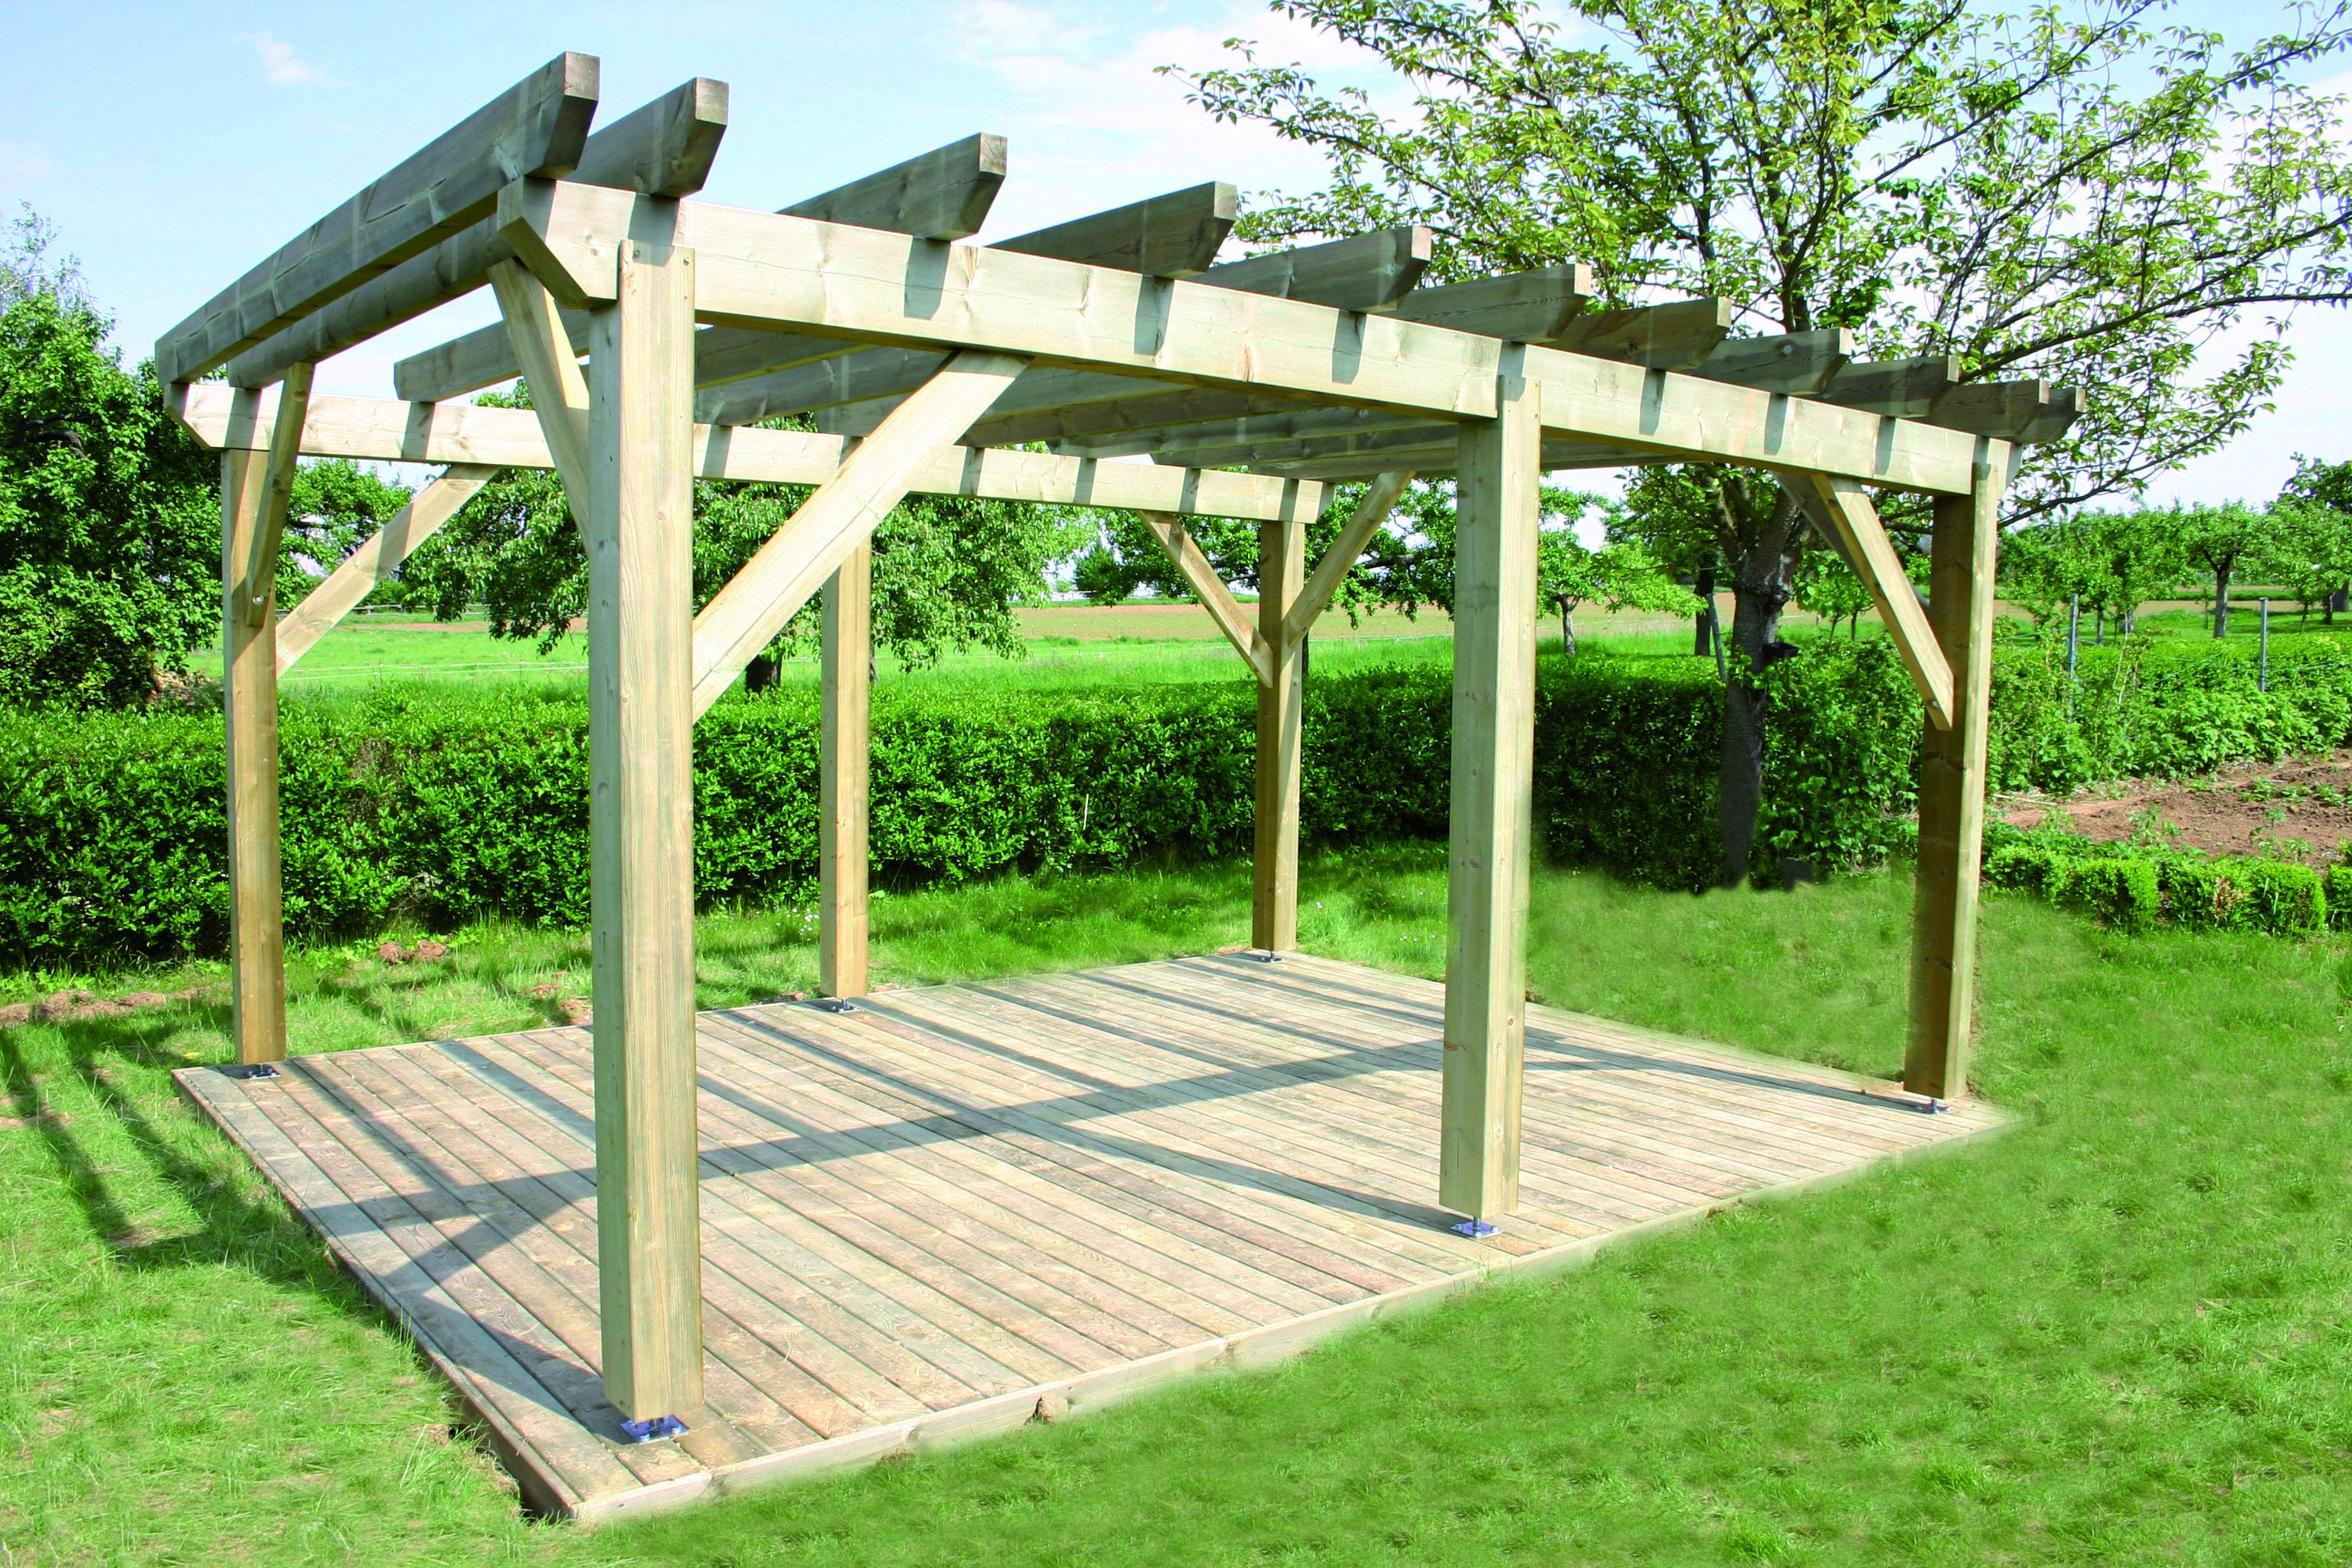 Fabricant alsacien de terrasse bois, au sol et sur poteaux, garde